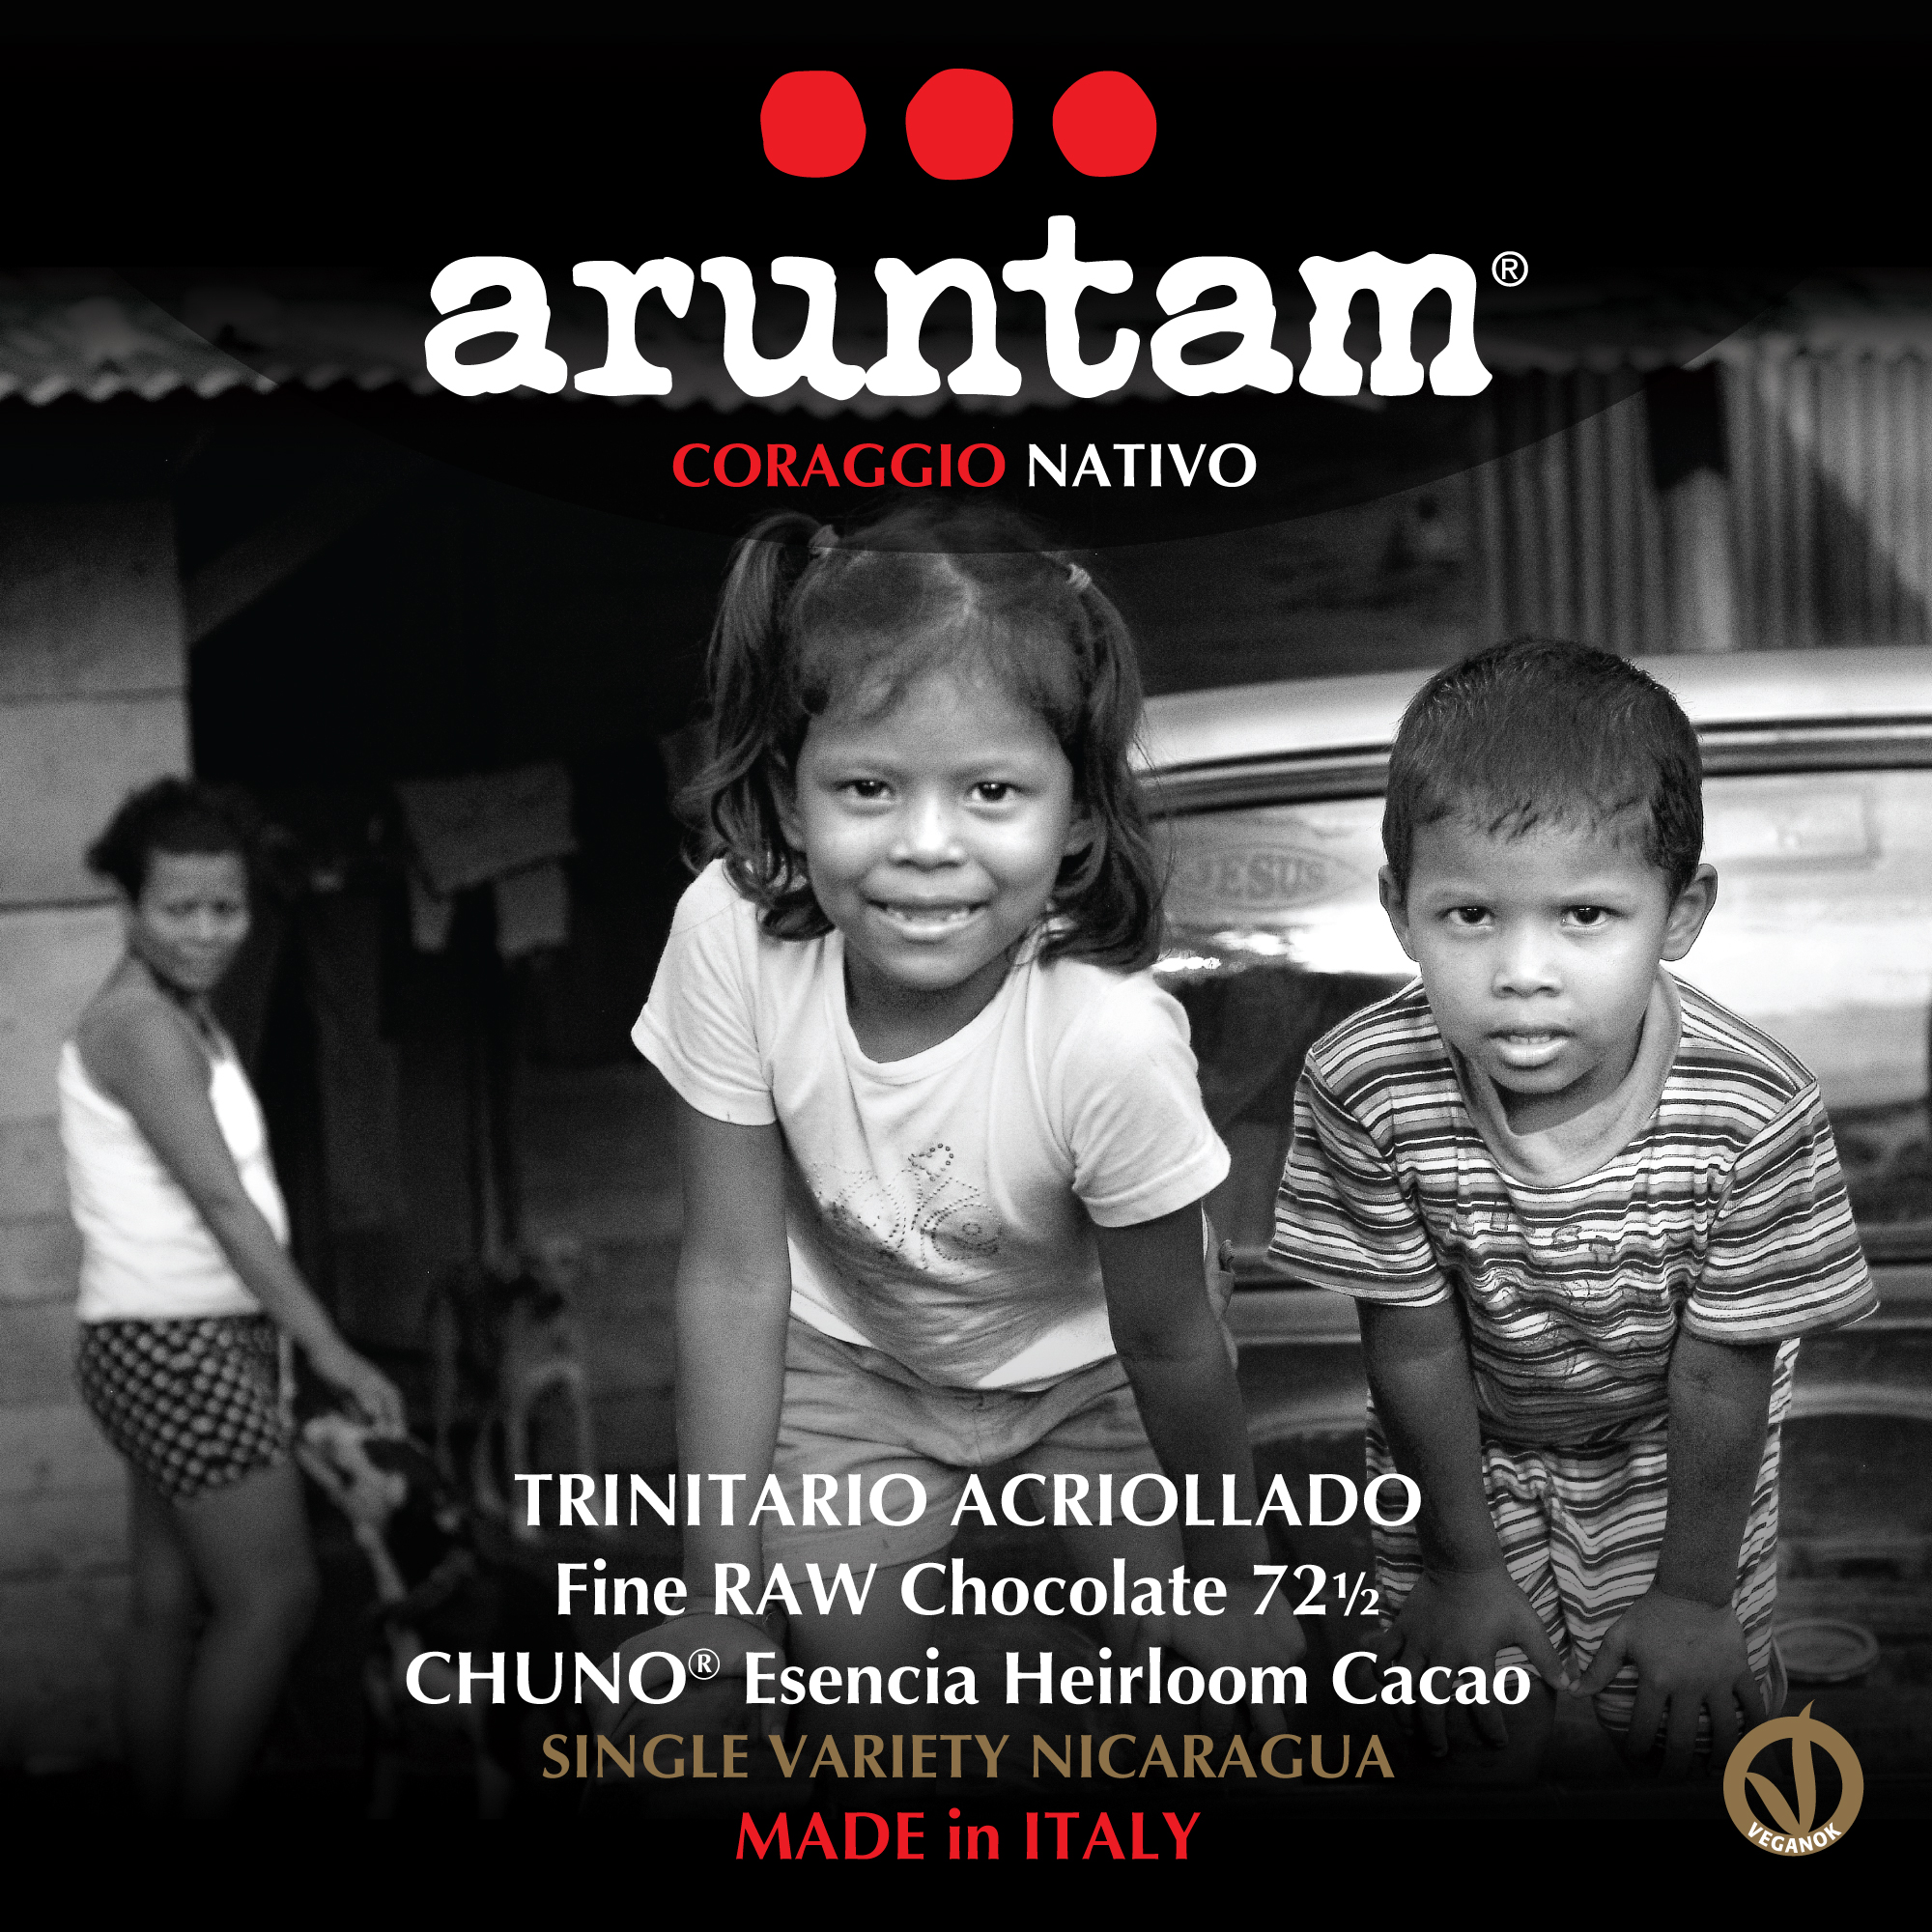 02-Trinitario-Acriollado-Chuno-Esencia-72-Nicaragua